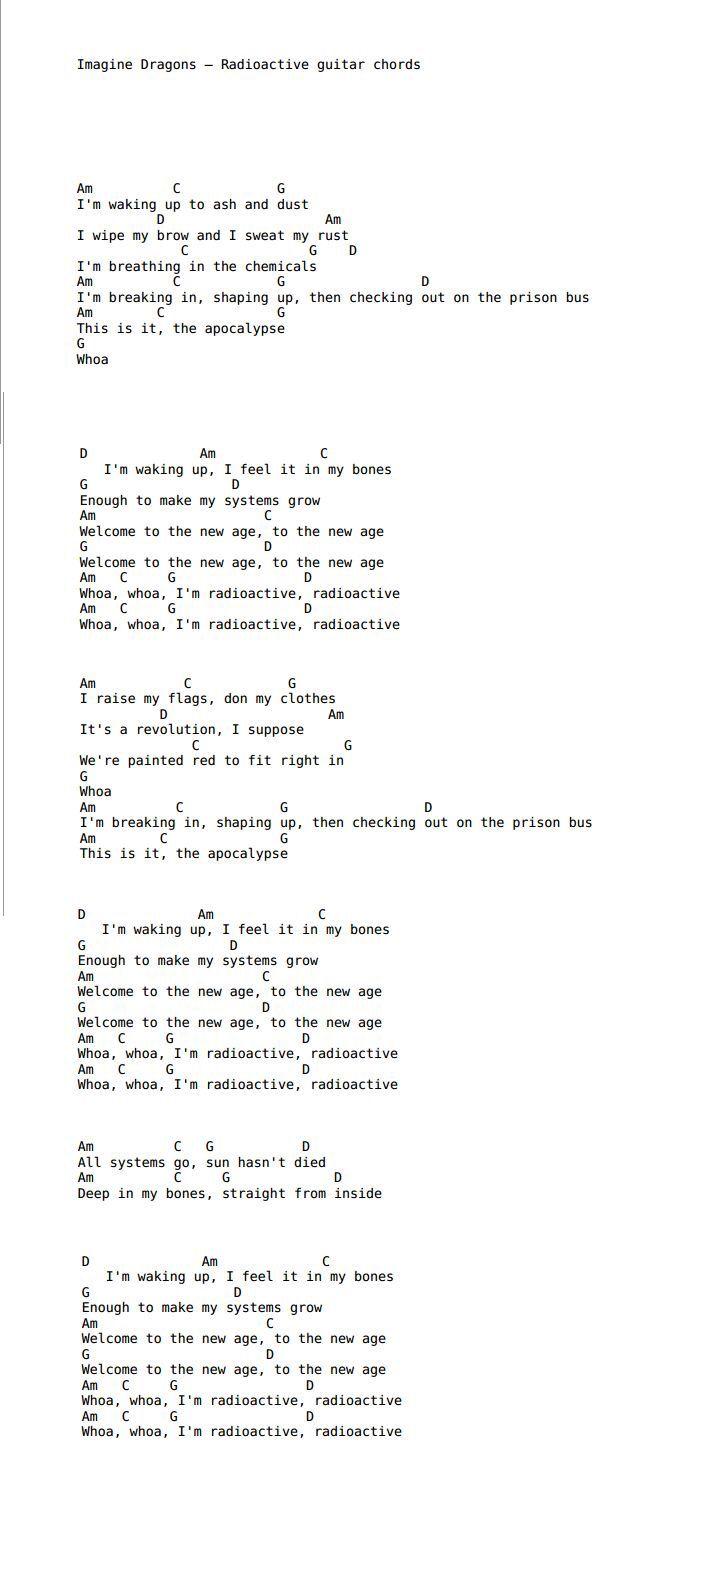 Pin By Clementine On Ukulele Ukulele Chords Songs Ukulele Songs Guitar Chords For Songs